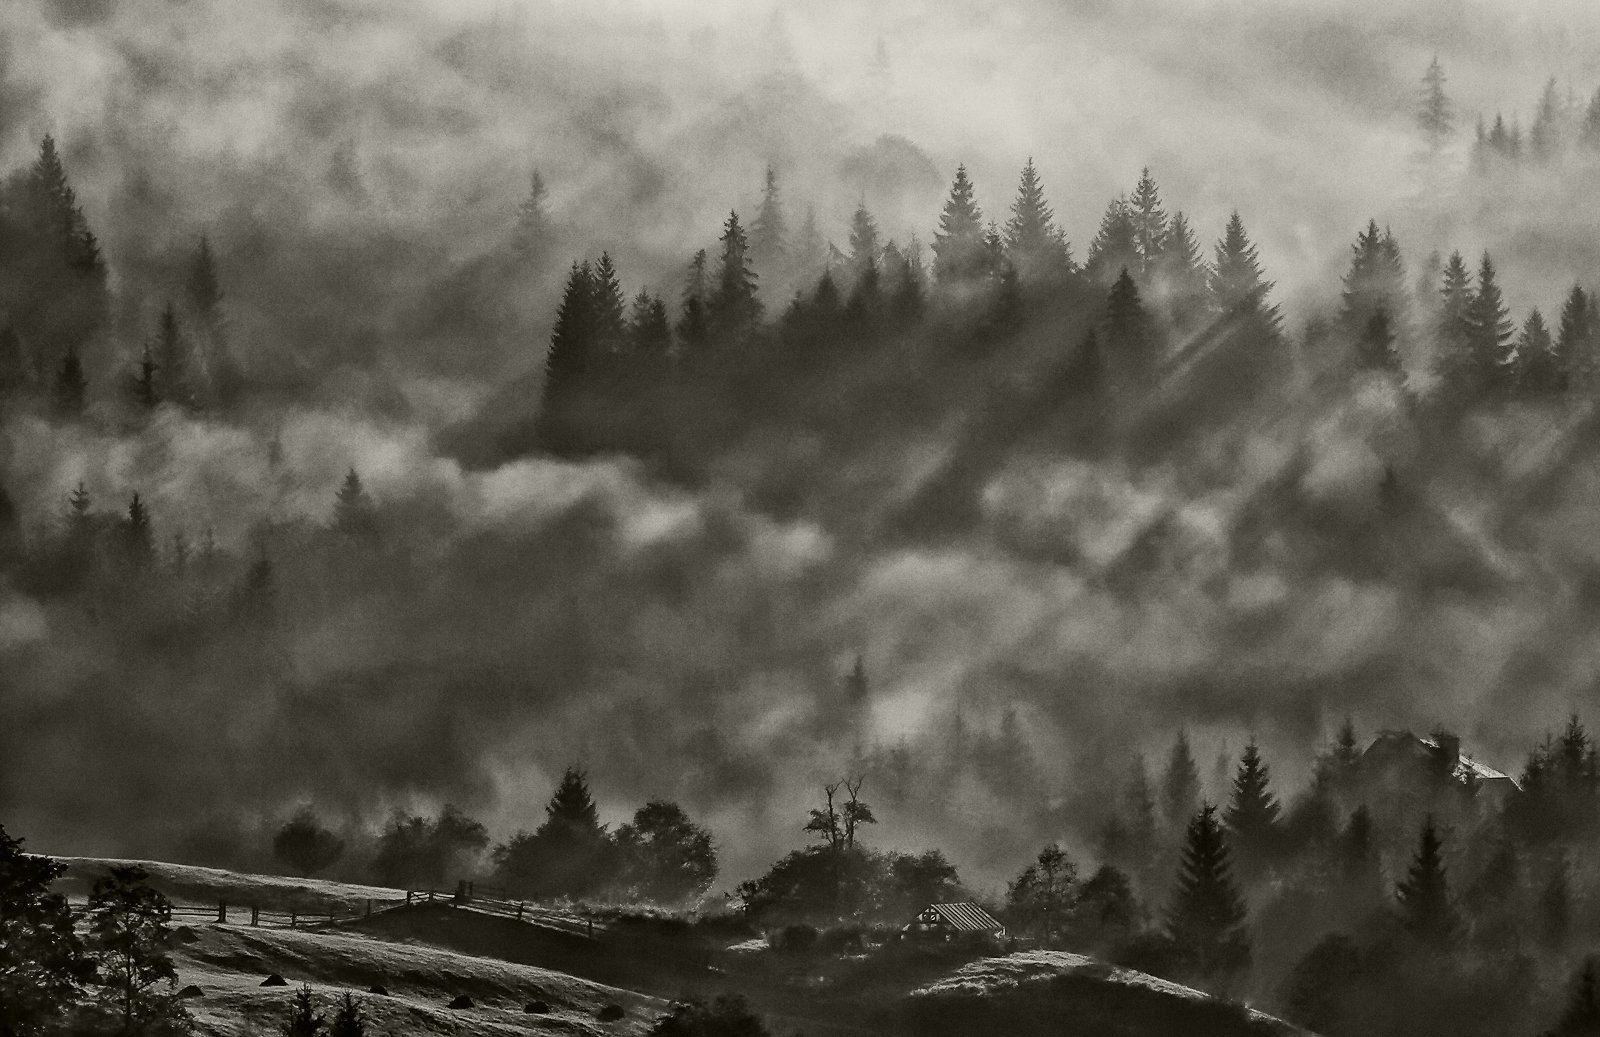 карпаты, осень, туман,утро, дземброня, Михаил Глаголев